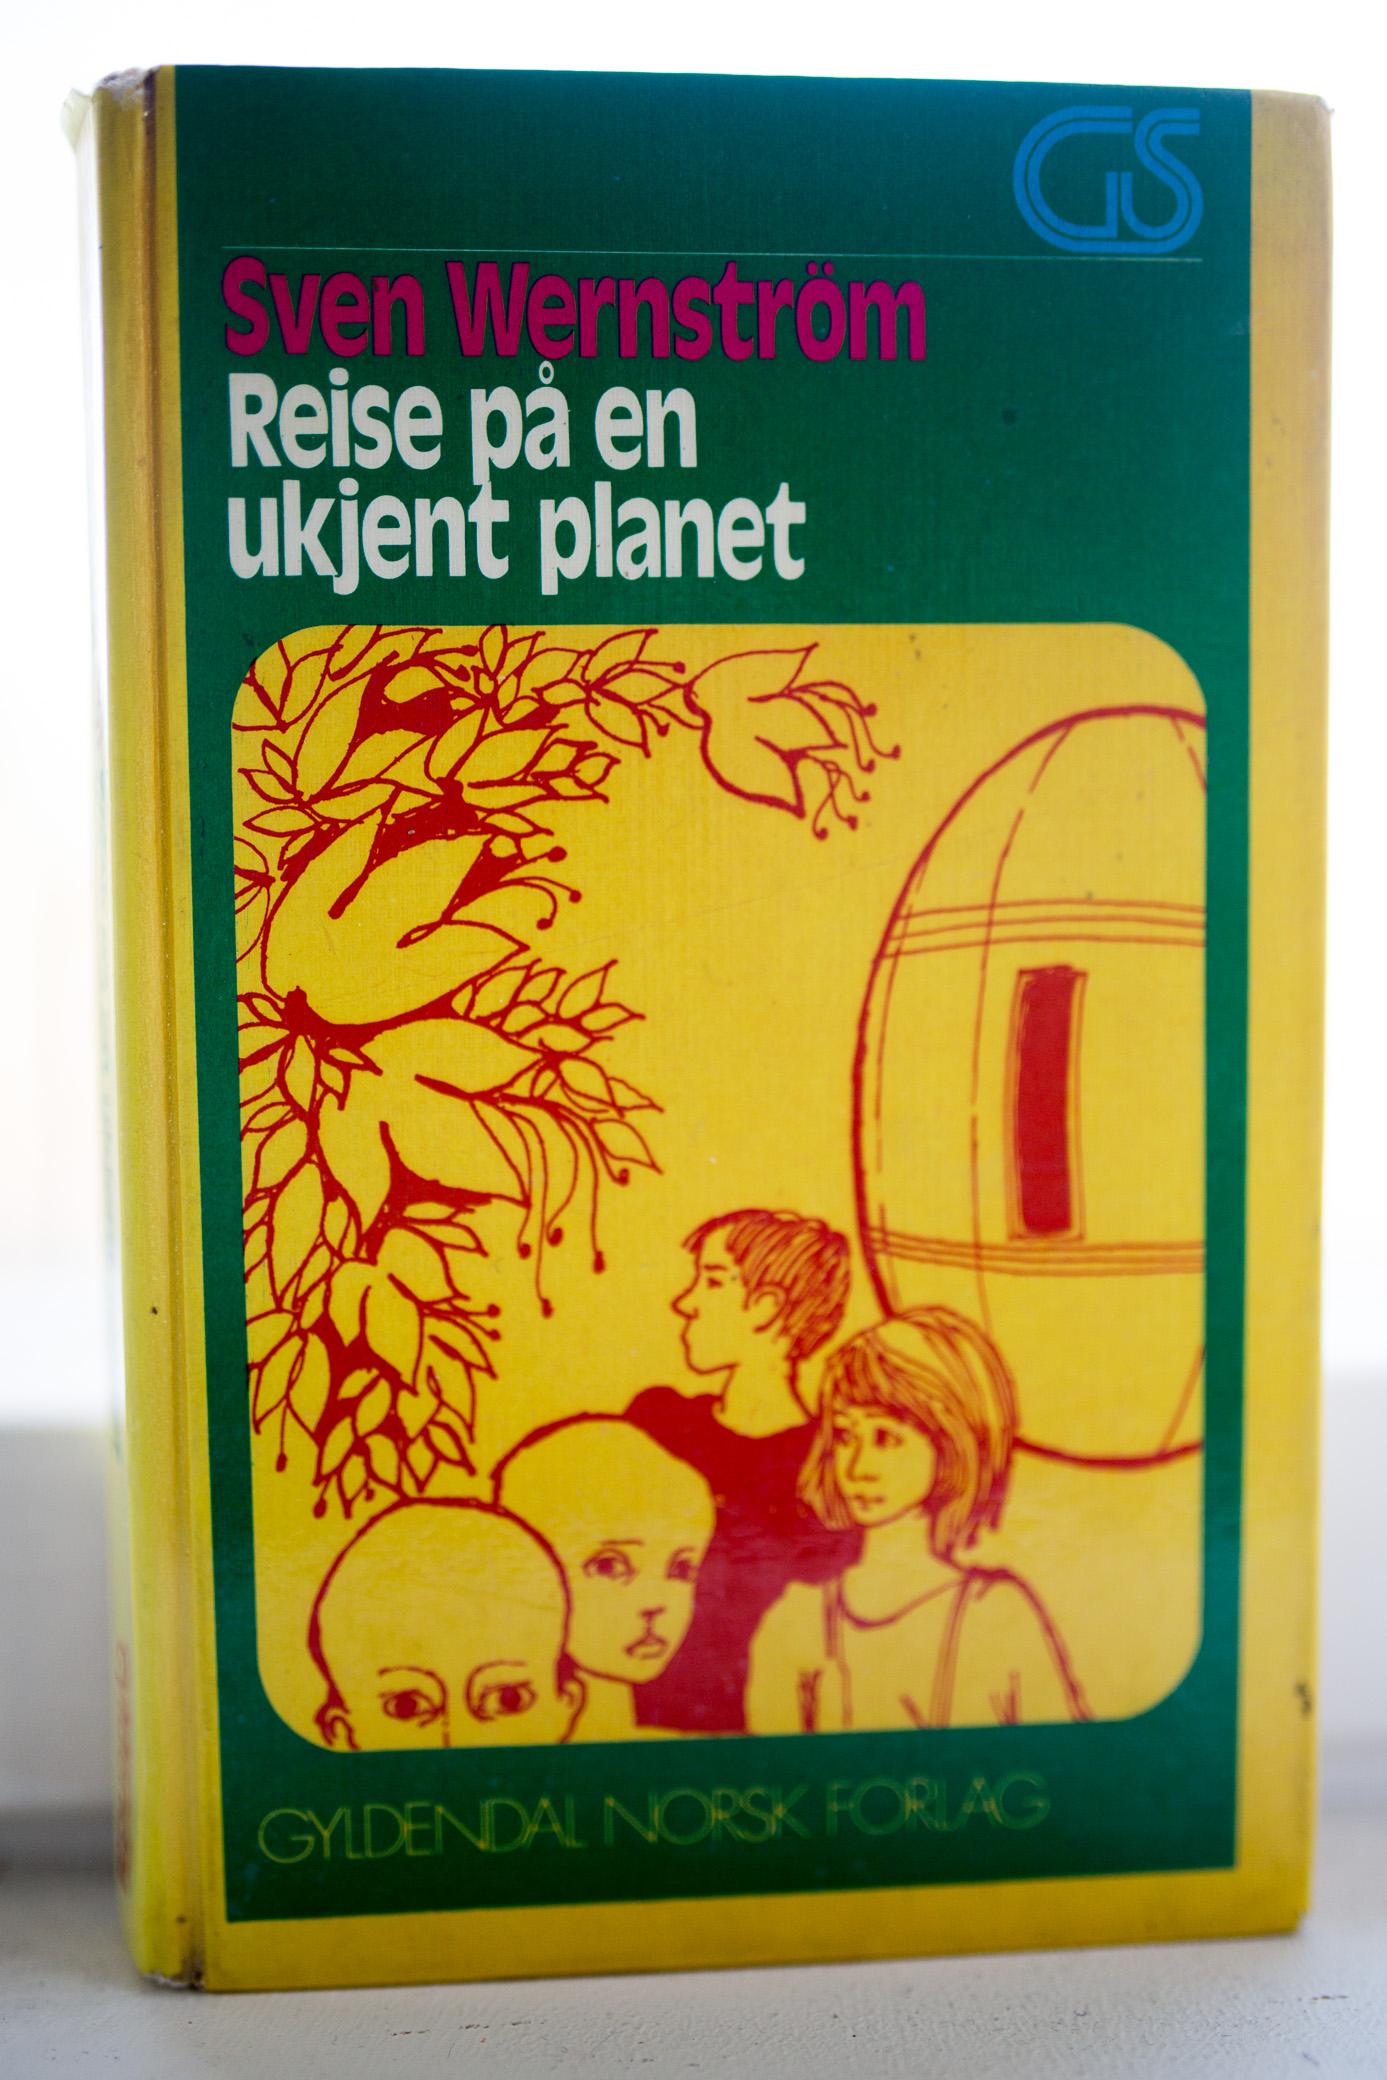 ukjent planet (1 of 1)